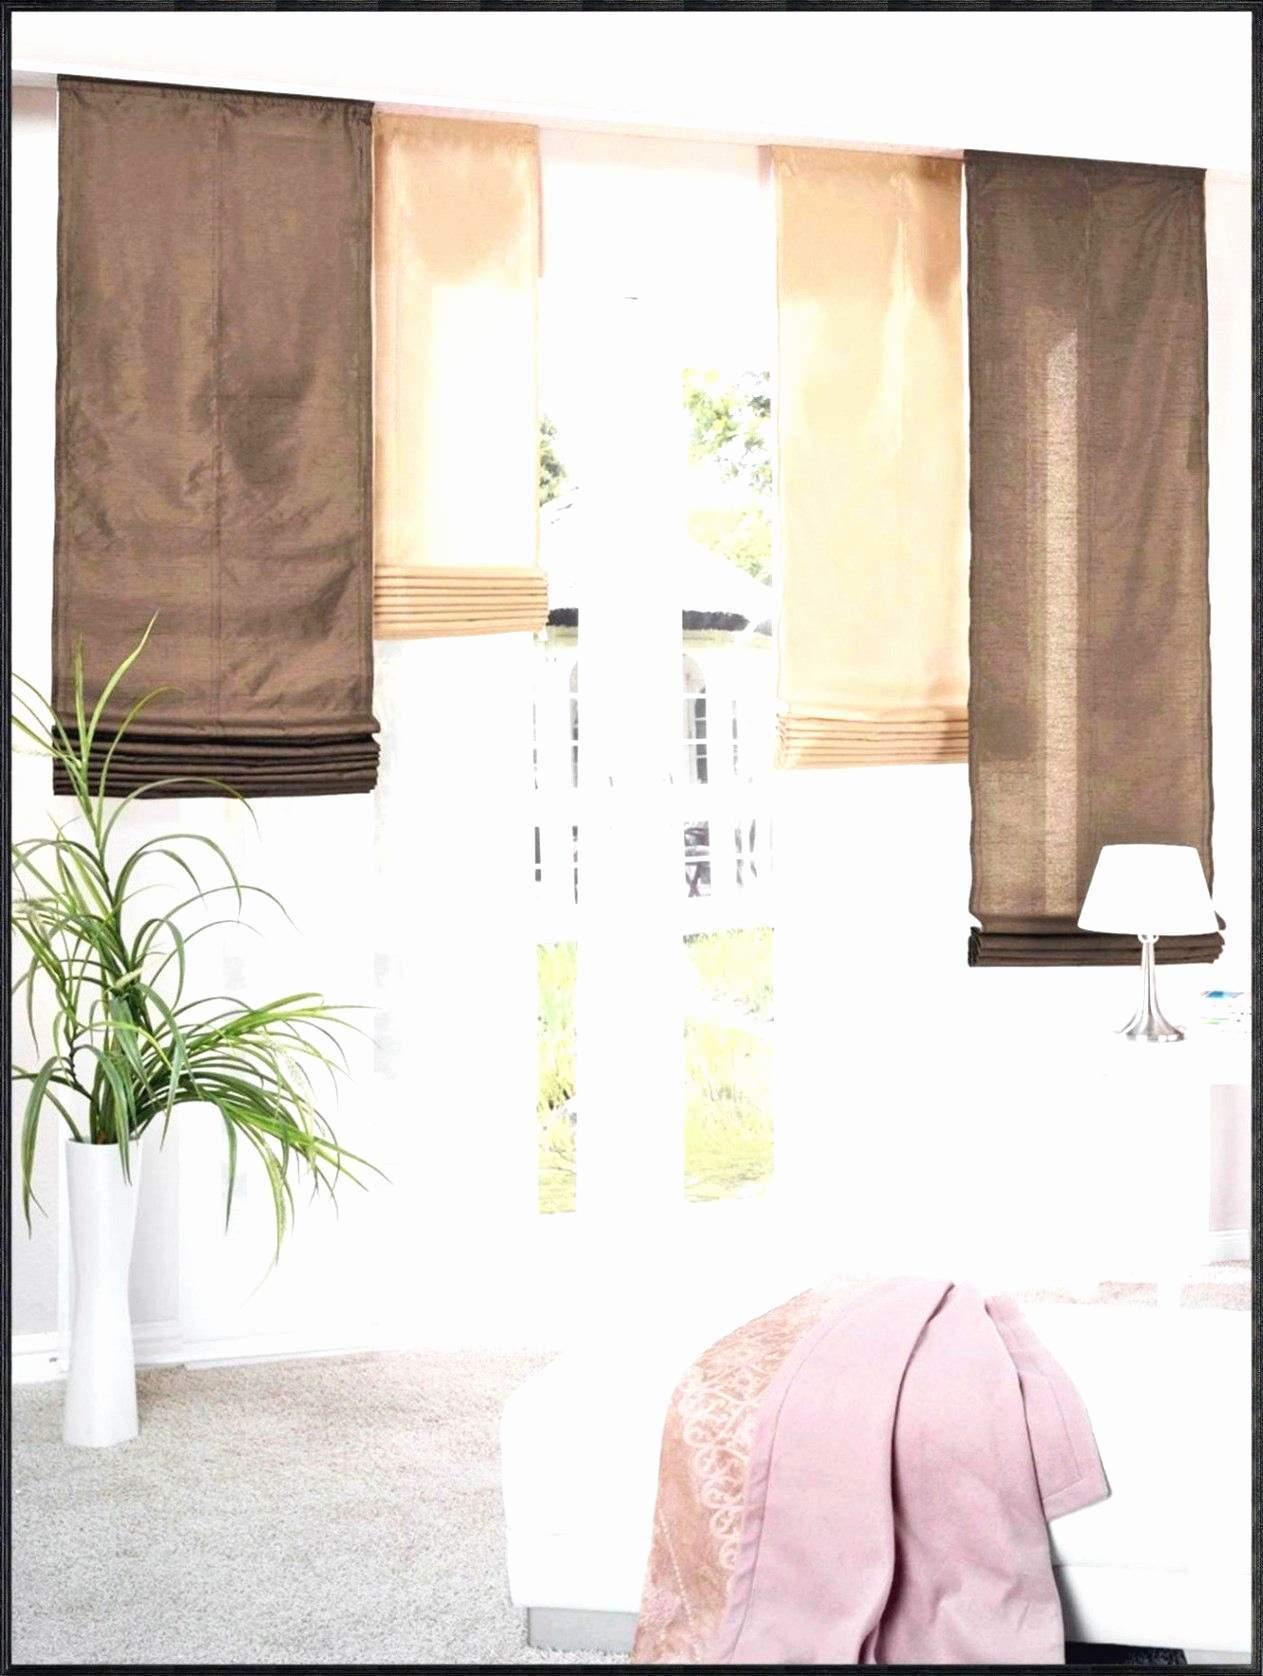 Full Size of Vorhänge Küche Ikea Wandtatoo Eckunterschrank Wasserhahn Theke Winkel Mit Aufbewahrung Kosten Grifflose Kaufen Tipps Günstig Wandregal Landhaus Singleküche Wohnzimmer Vorhänge Küche Ikea